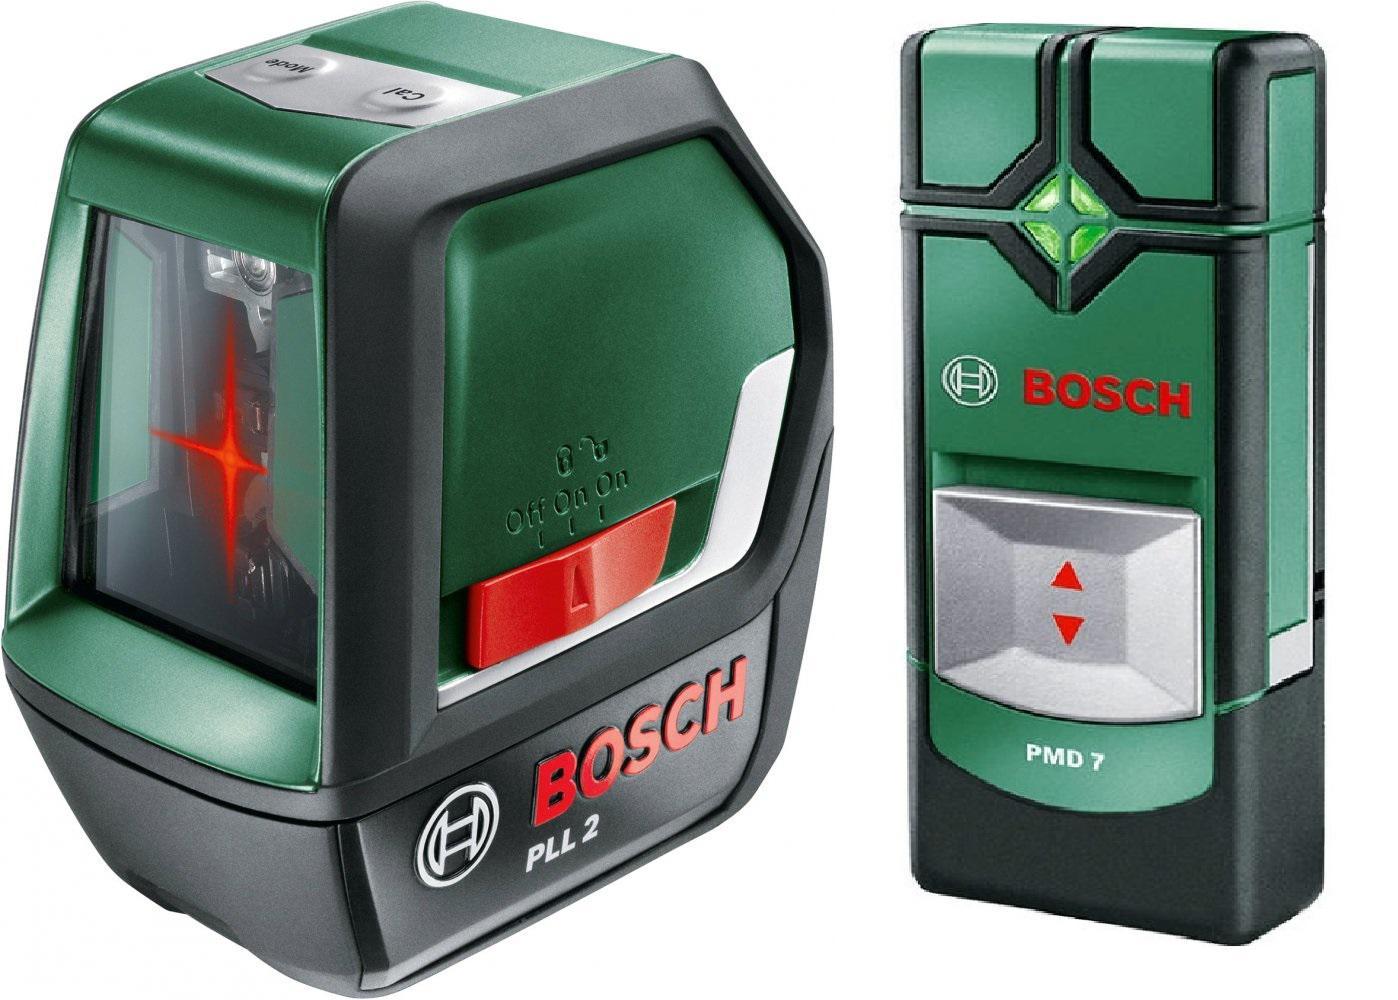 Уровень Bosch Pll 2 eeu (0.603.663.420) + Детектор pmd7